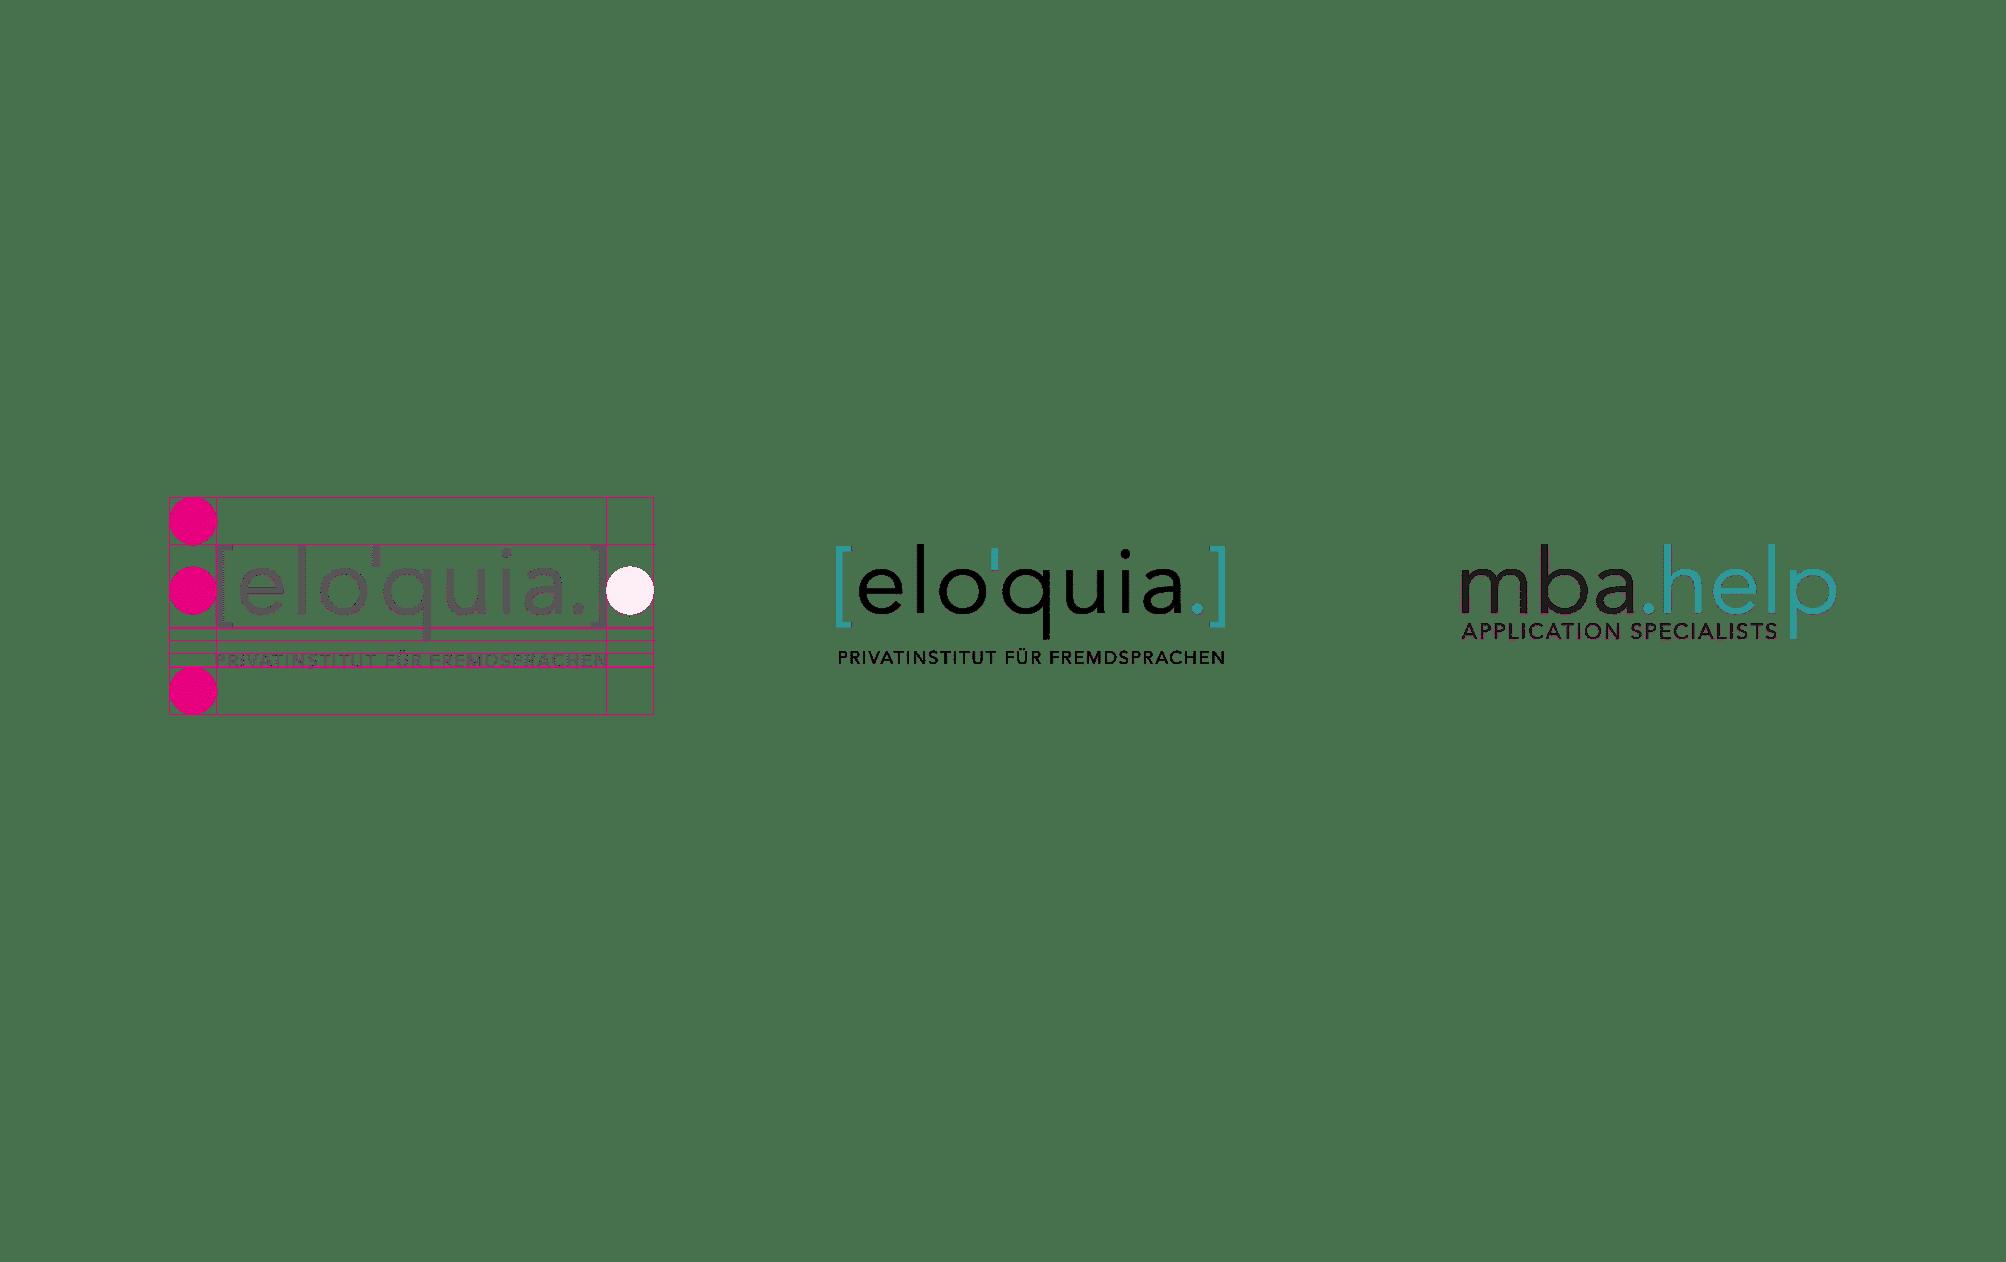 360VIER_Eloquia_Case-Study_CD_logo-konzept [elo'quia.] Sprachinstitut Frankfurt am Main